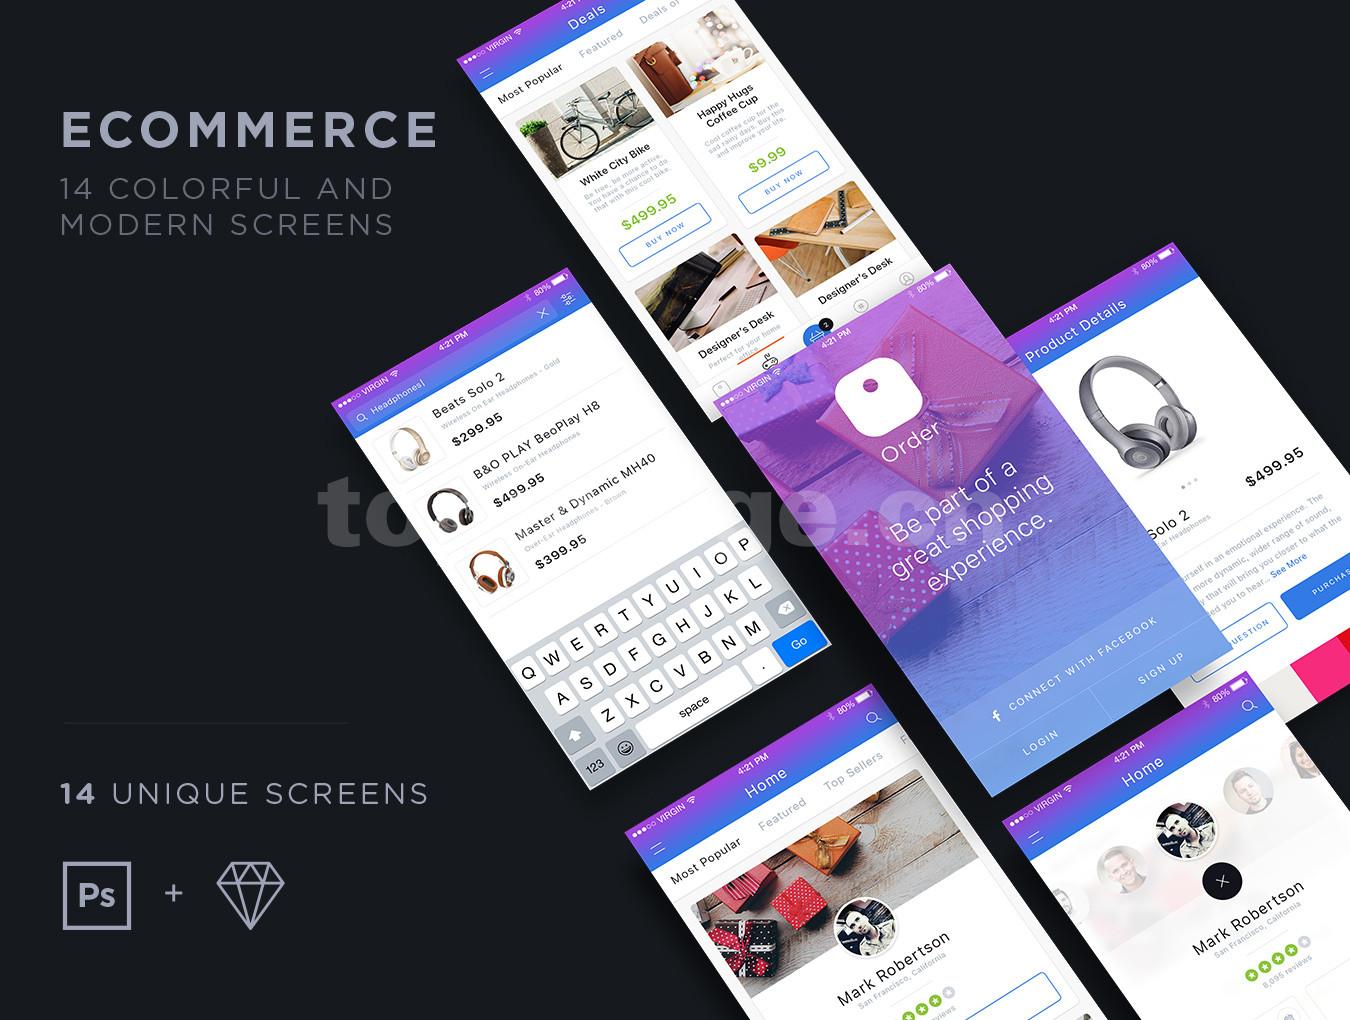 电子商务商城app模板耳机电子数码产品ui kit 源文件下载